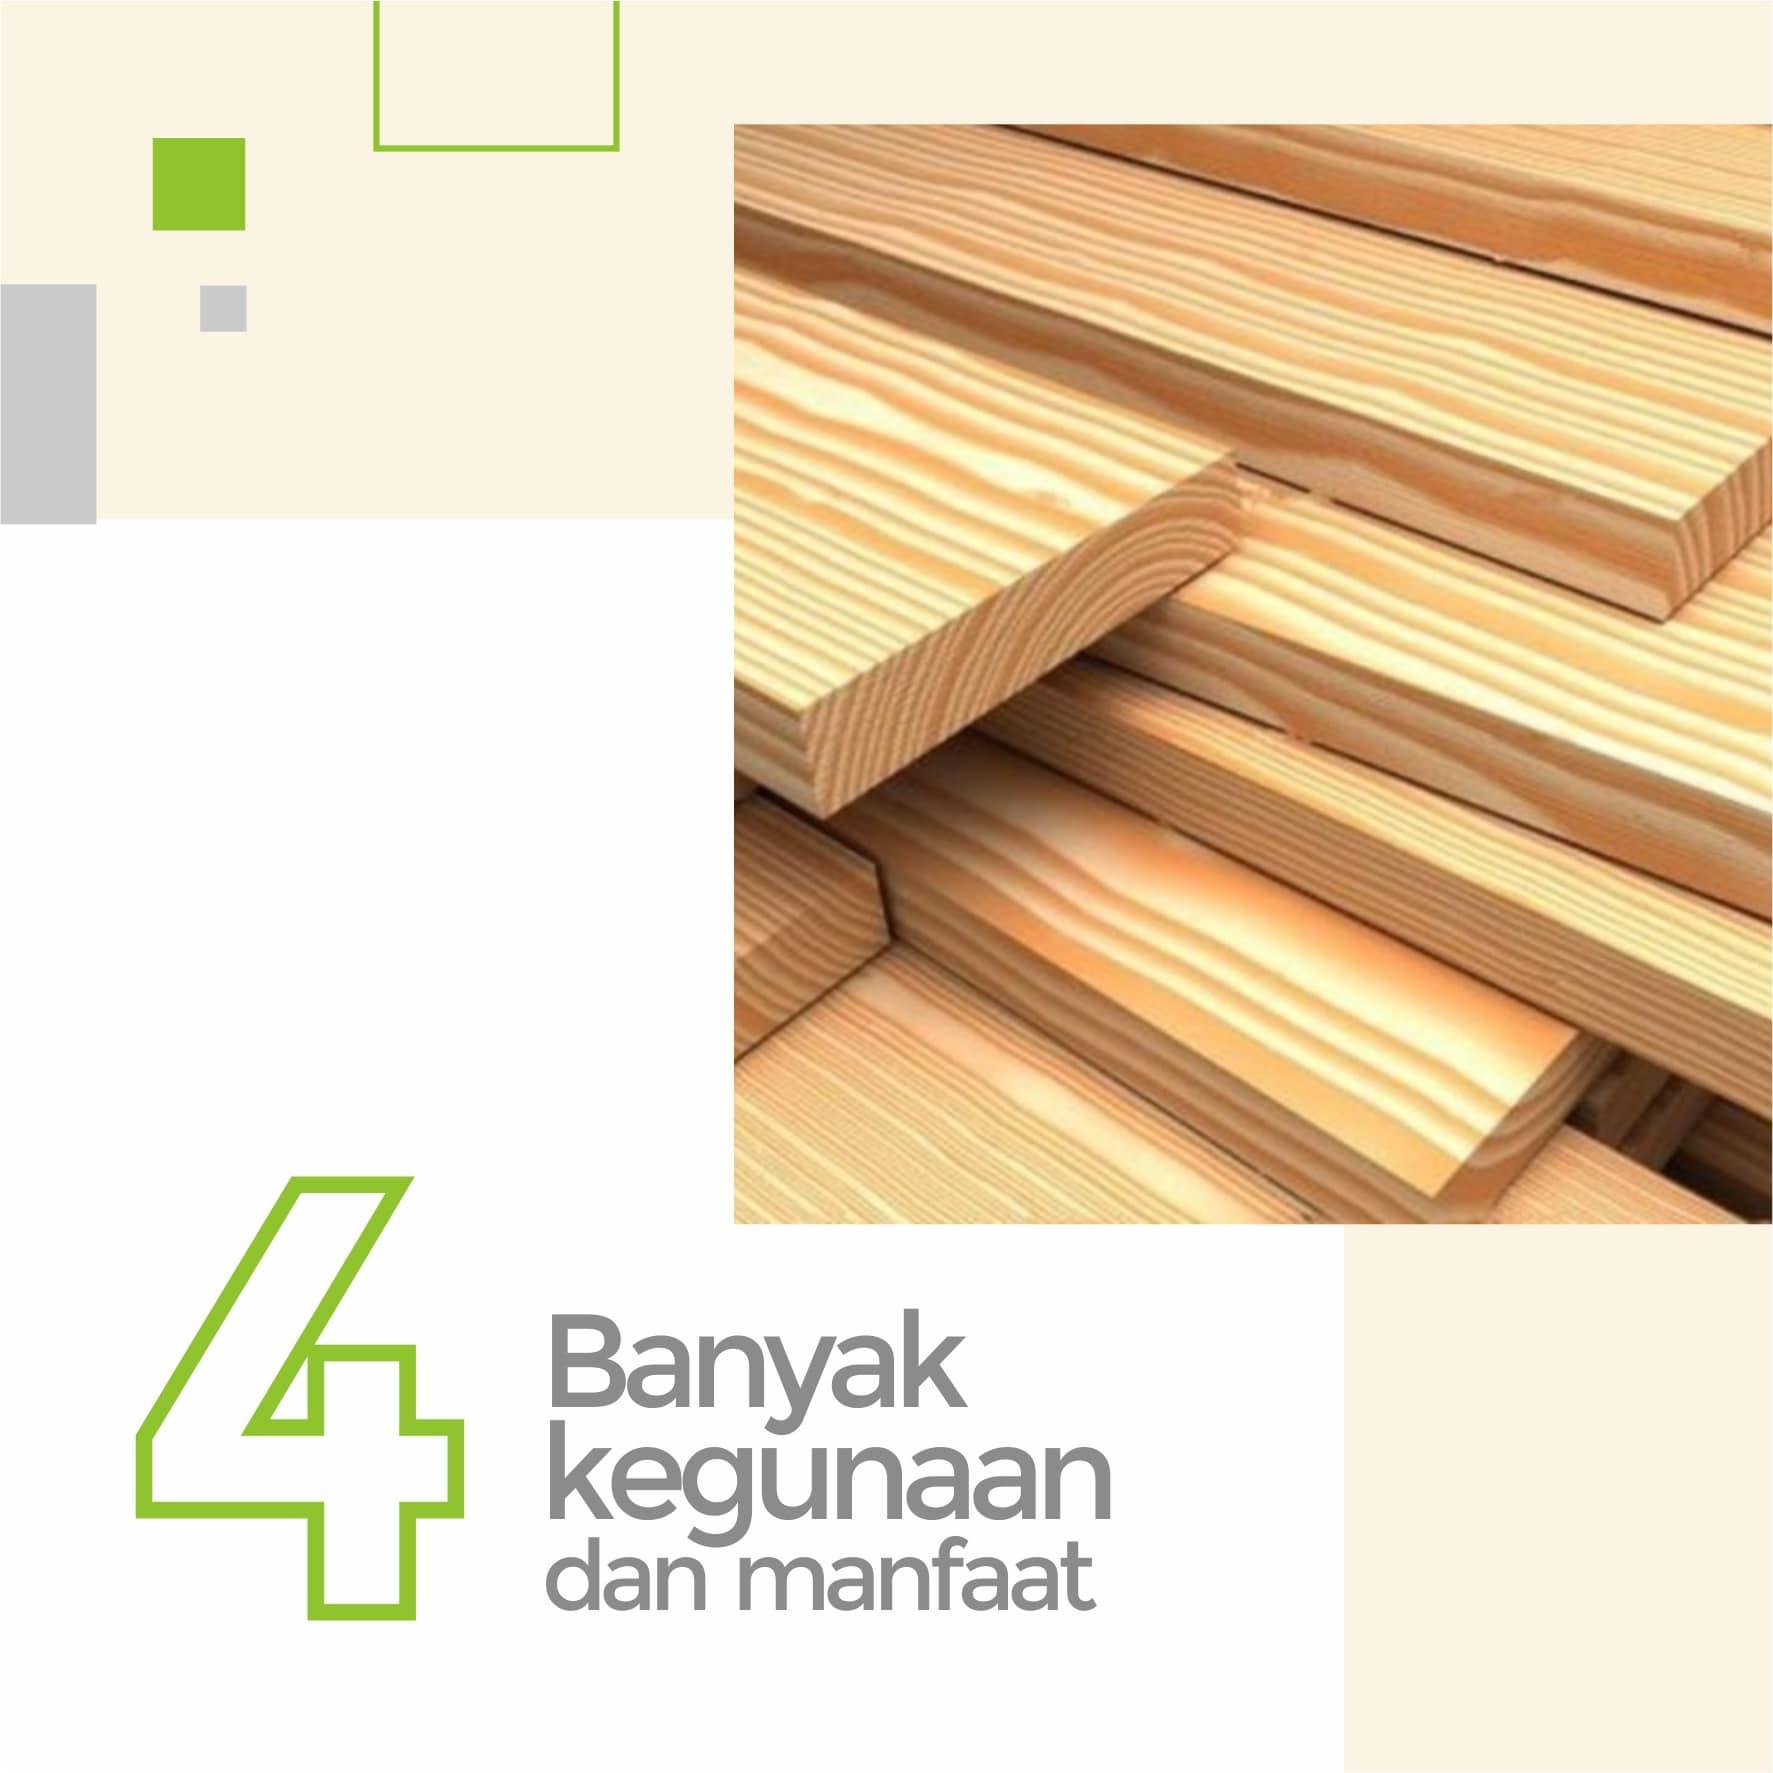 Banyak guna dan manfaat pada kayu jati belanda